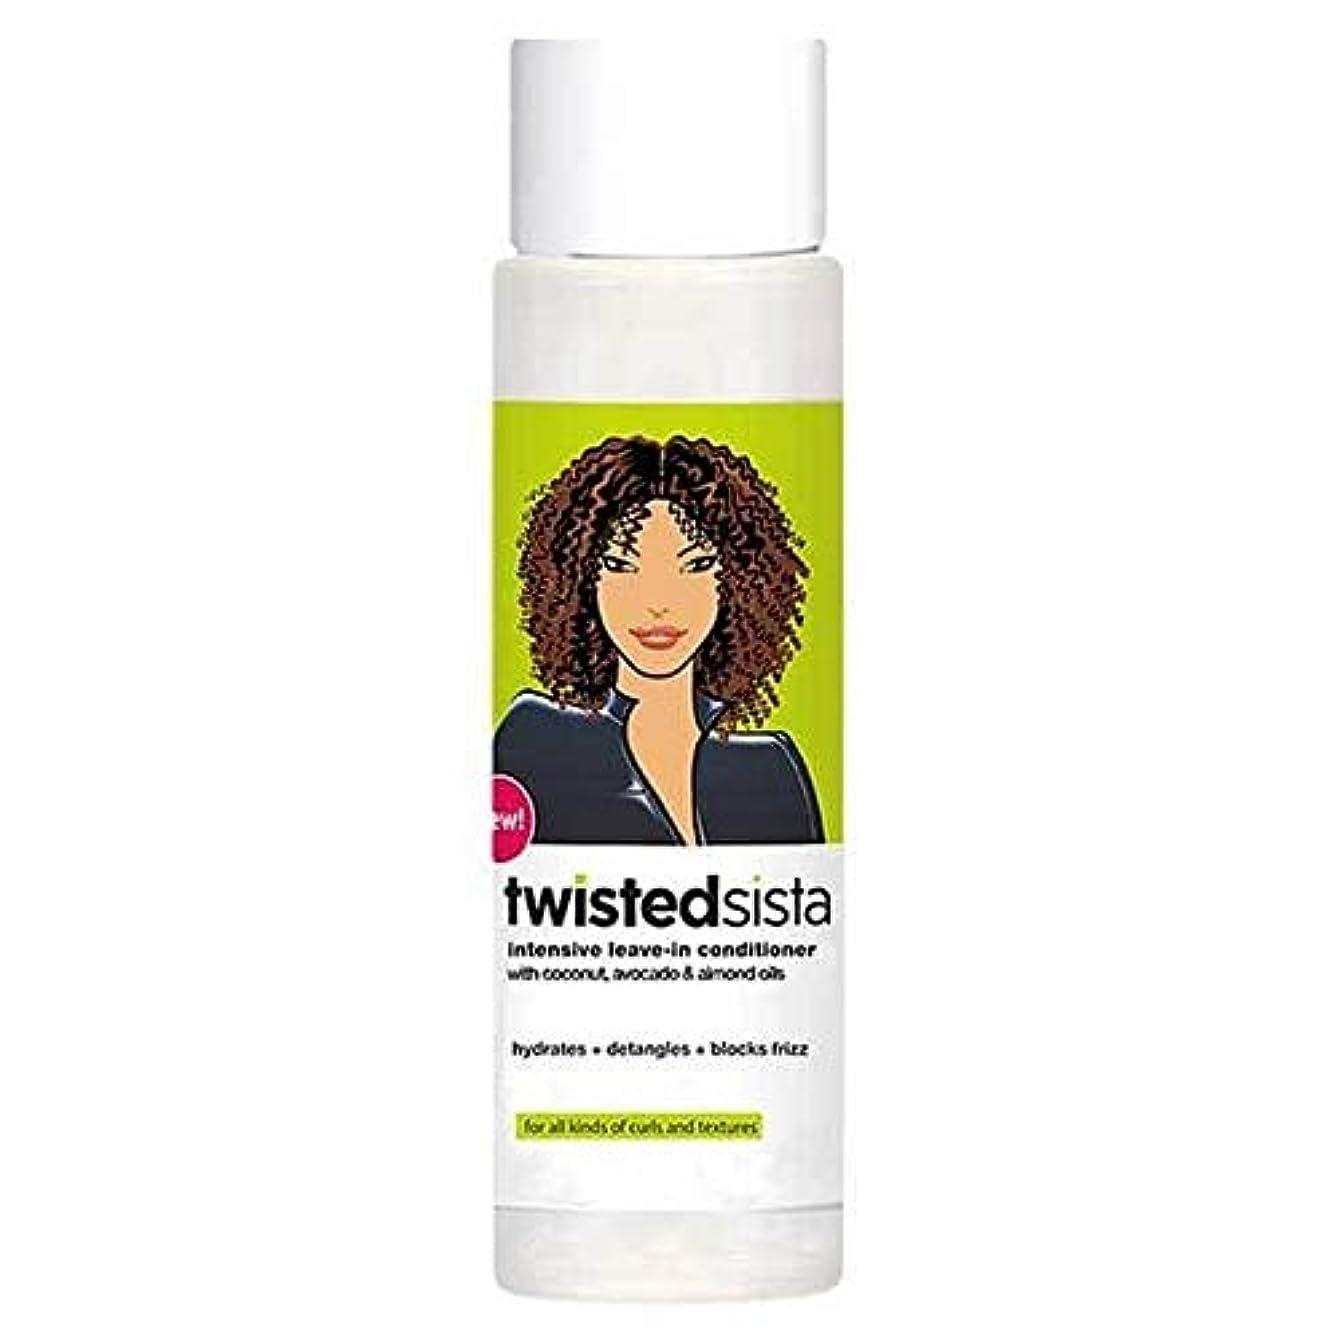 評価無駄な解説[Twisted Sista] コンディショナー354ミリリットルでツイストSista休暇 - Twisted Sista Leave In Conditioner 354ml [並行輸入品]